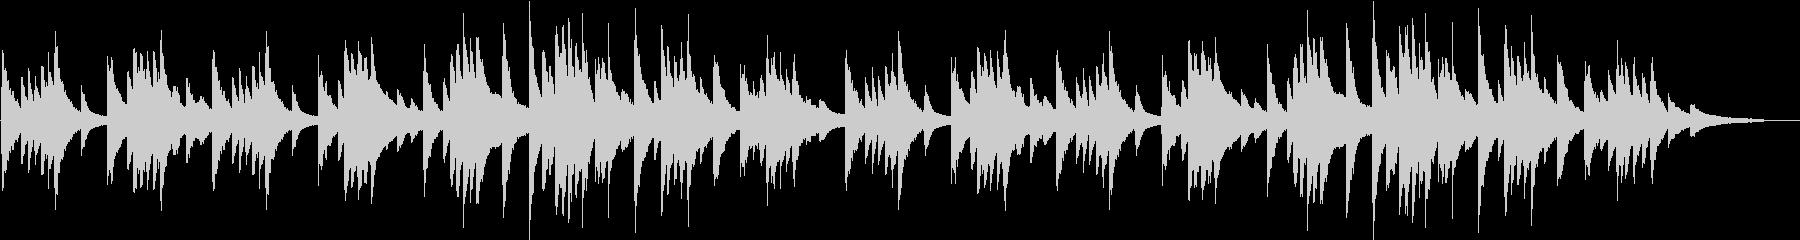 賛美歌・いつくしみ深きのピアノBGMの未再生の波形